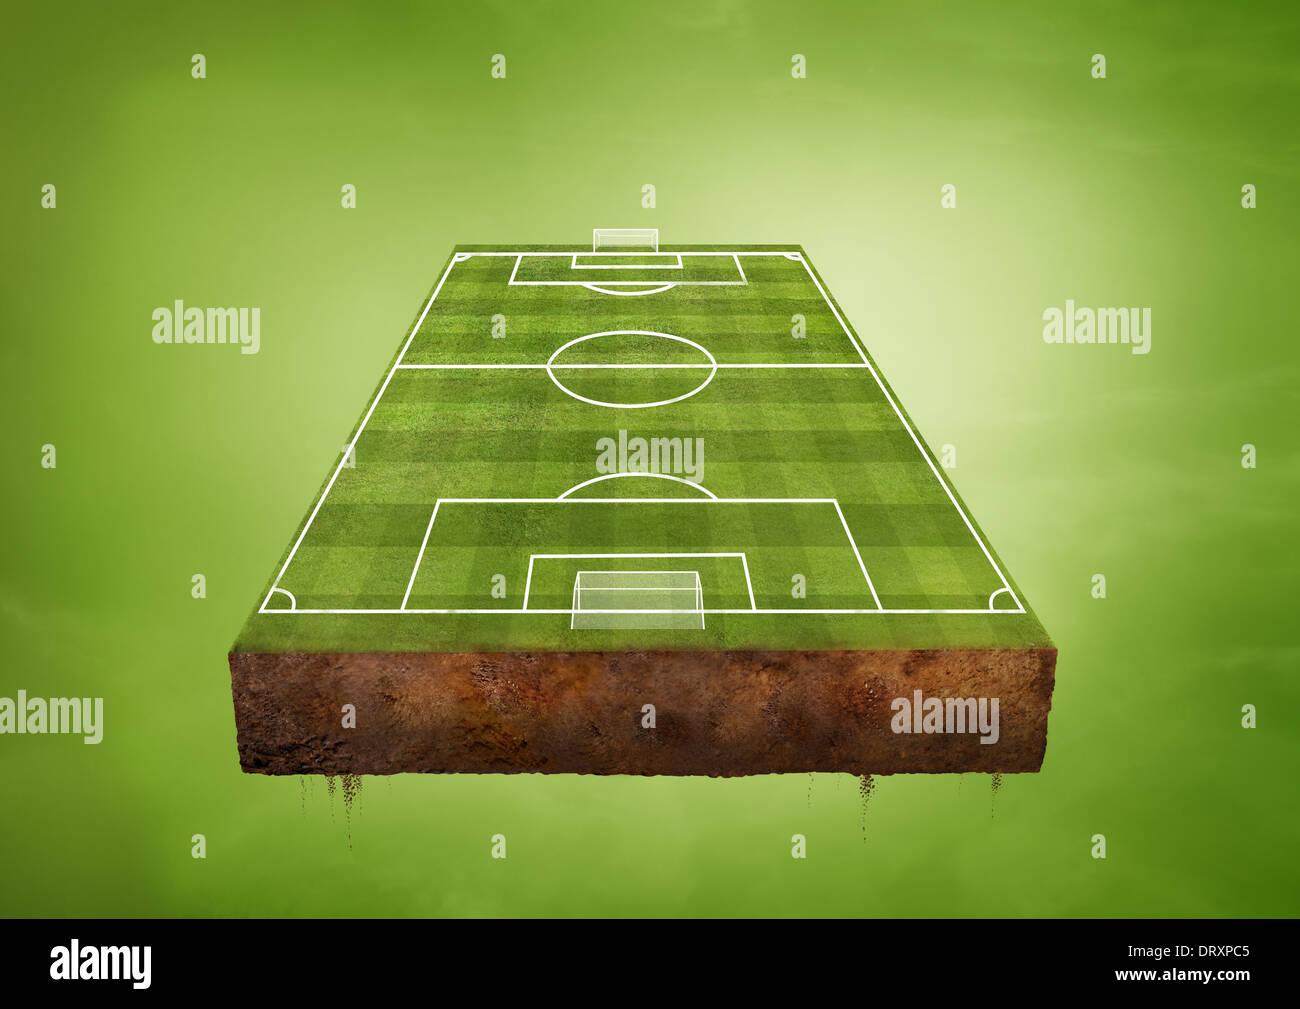 Un campo de fútbol verdes flotantes. Concepto de deportes. Imagen De Stock